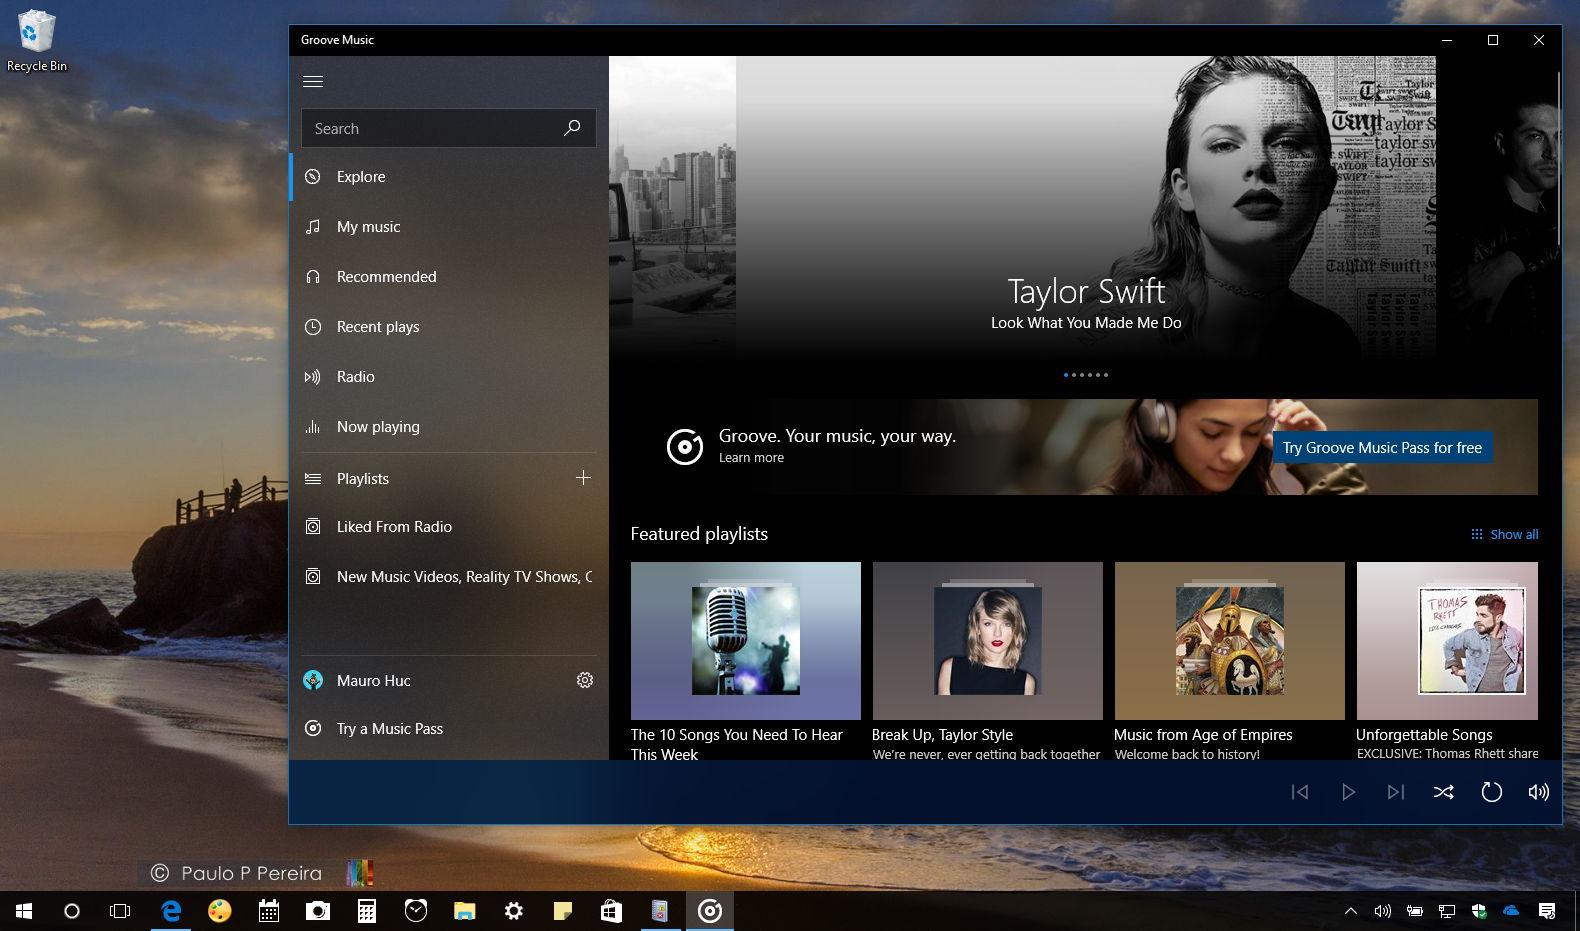 Groove Music app on Windows 10